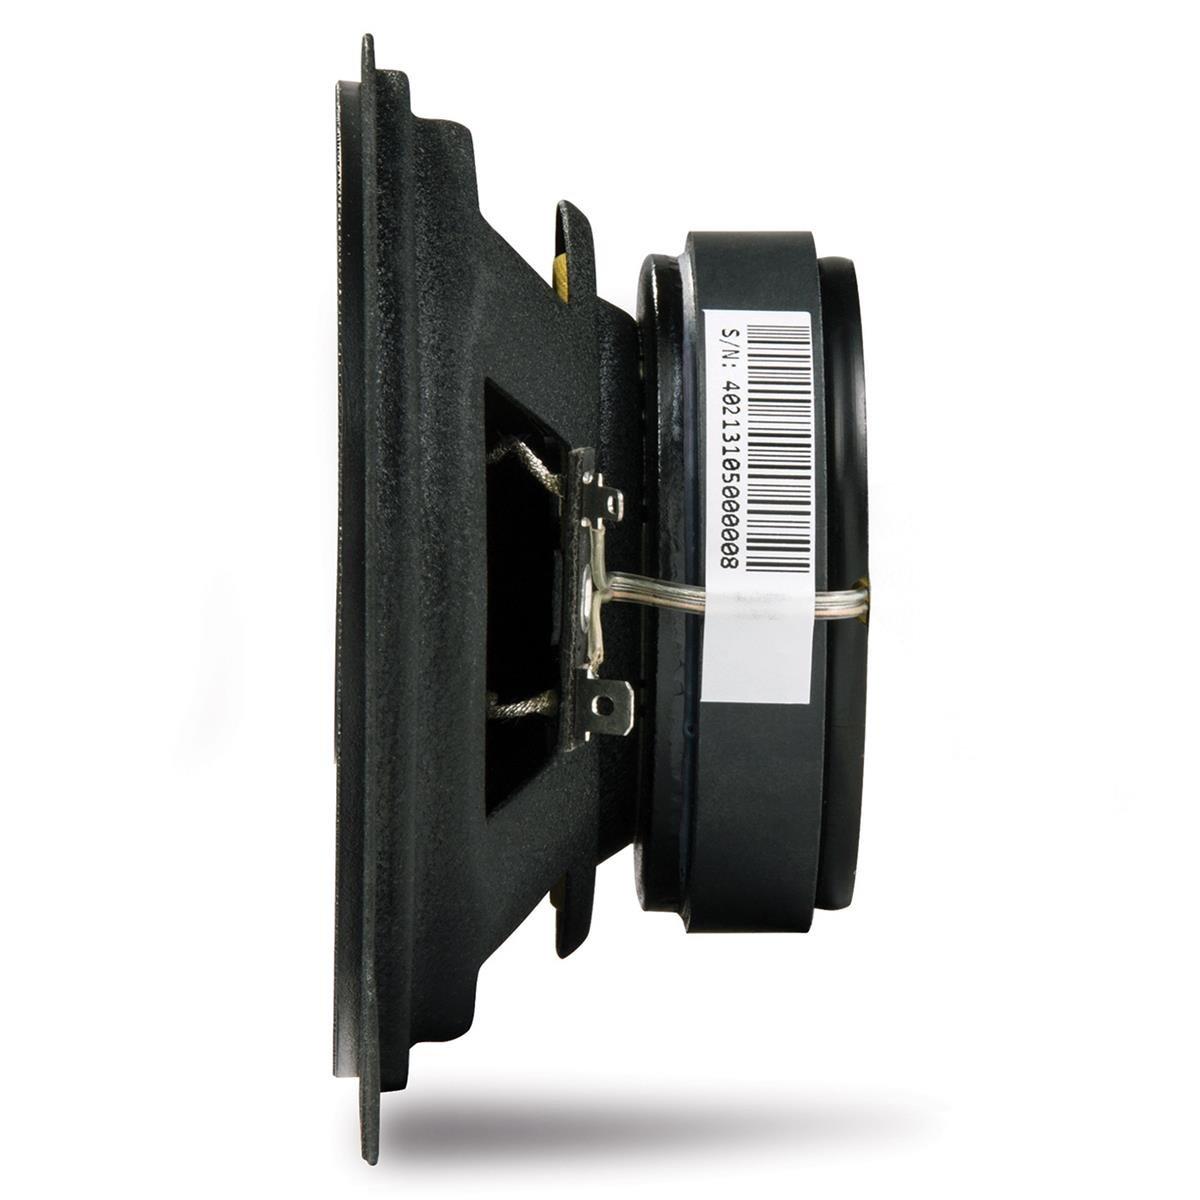 Kicker 43DSC4604 4x6 2-way Speaker Pair by Kicker (Image #5)